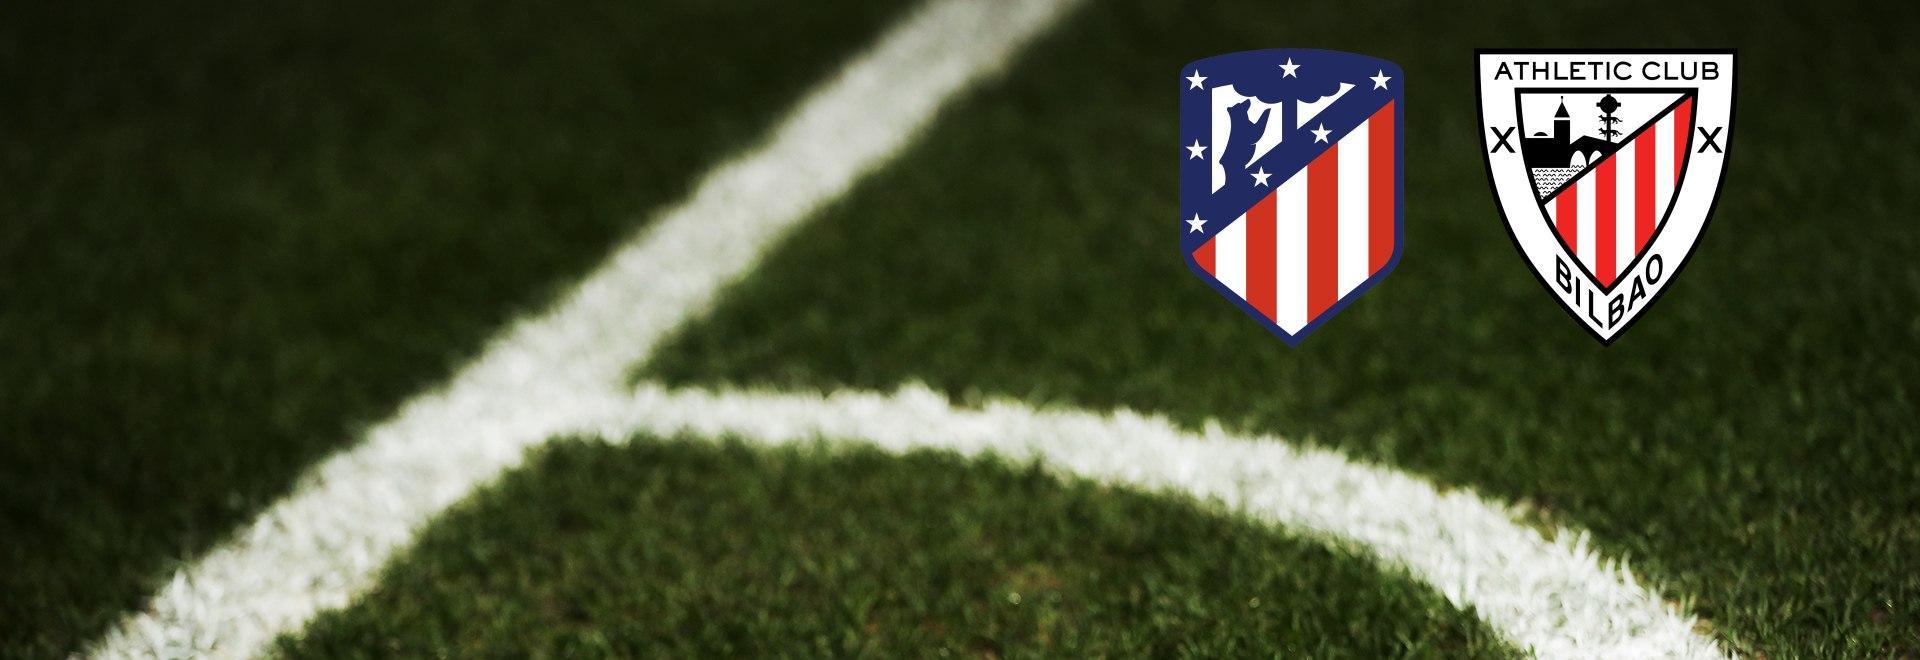 Atletico Madrid - Athletic B. 18a g.